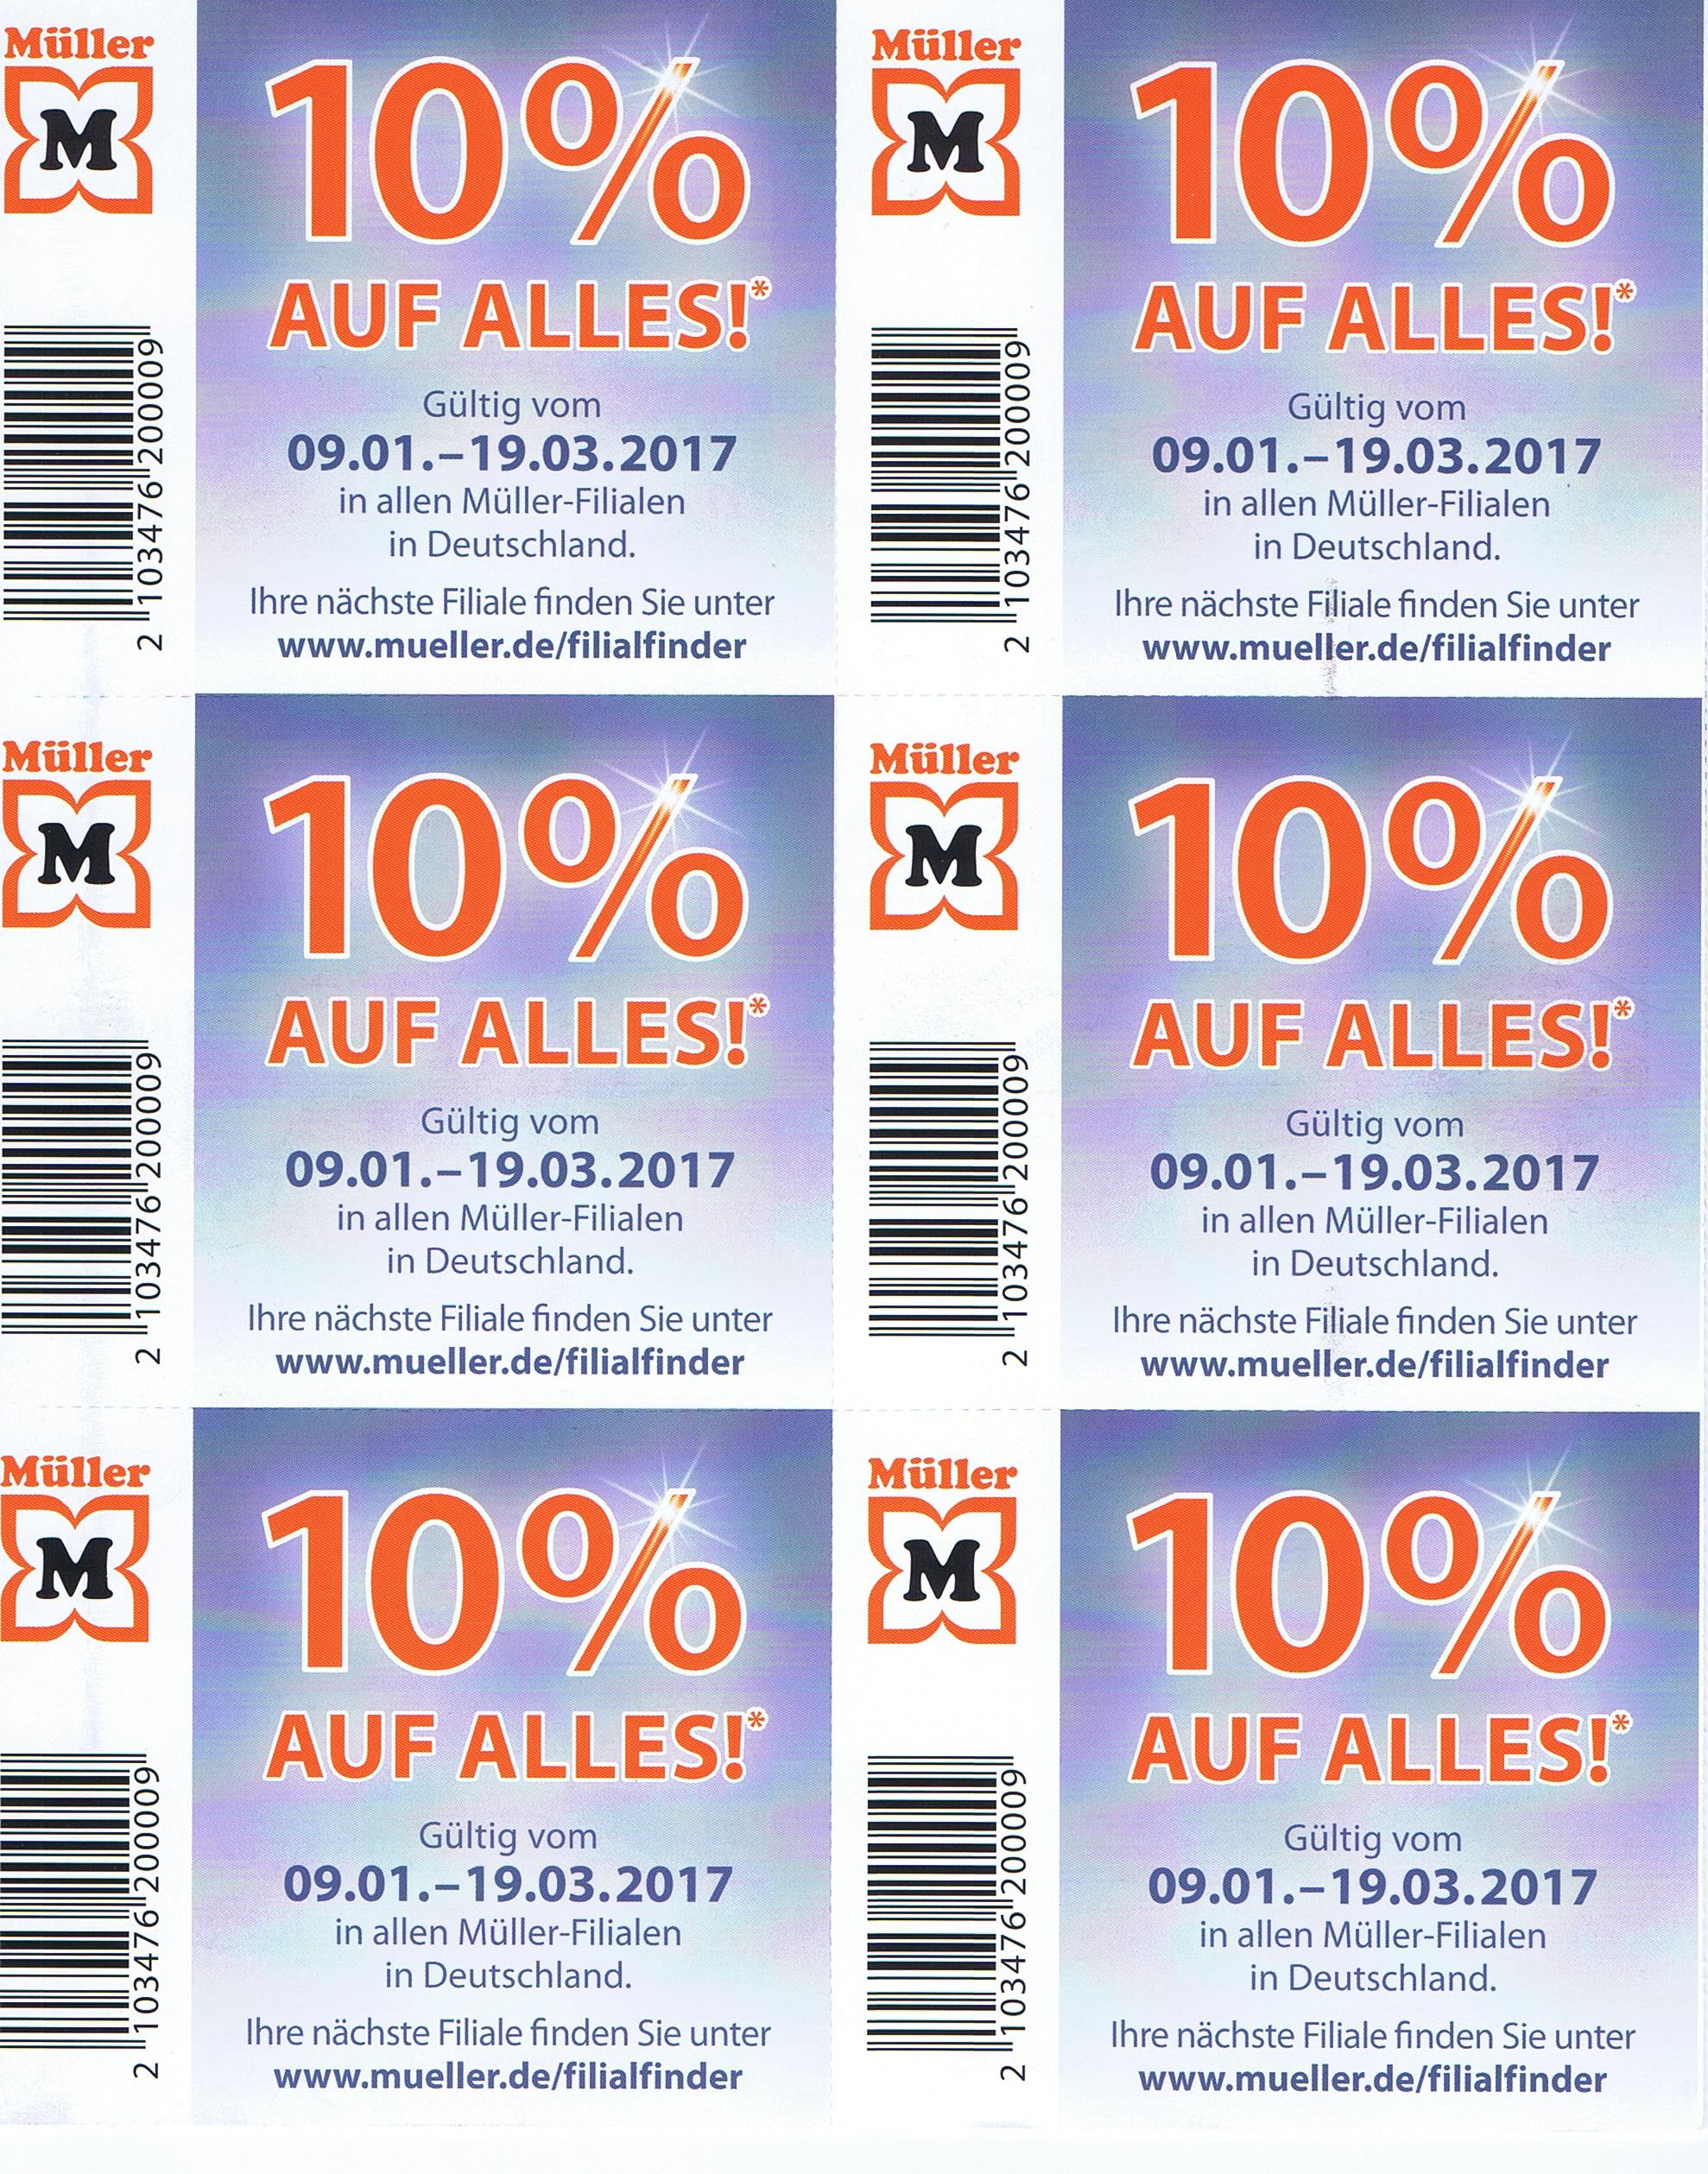 10% Müller Coupon gültig vom 9.1 bis 19.03.17